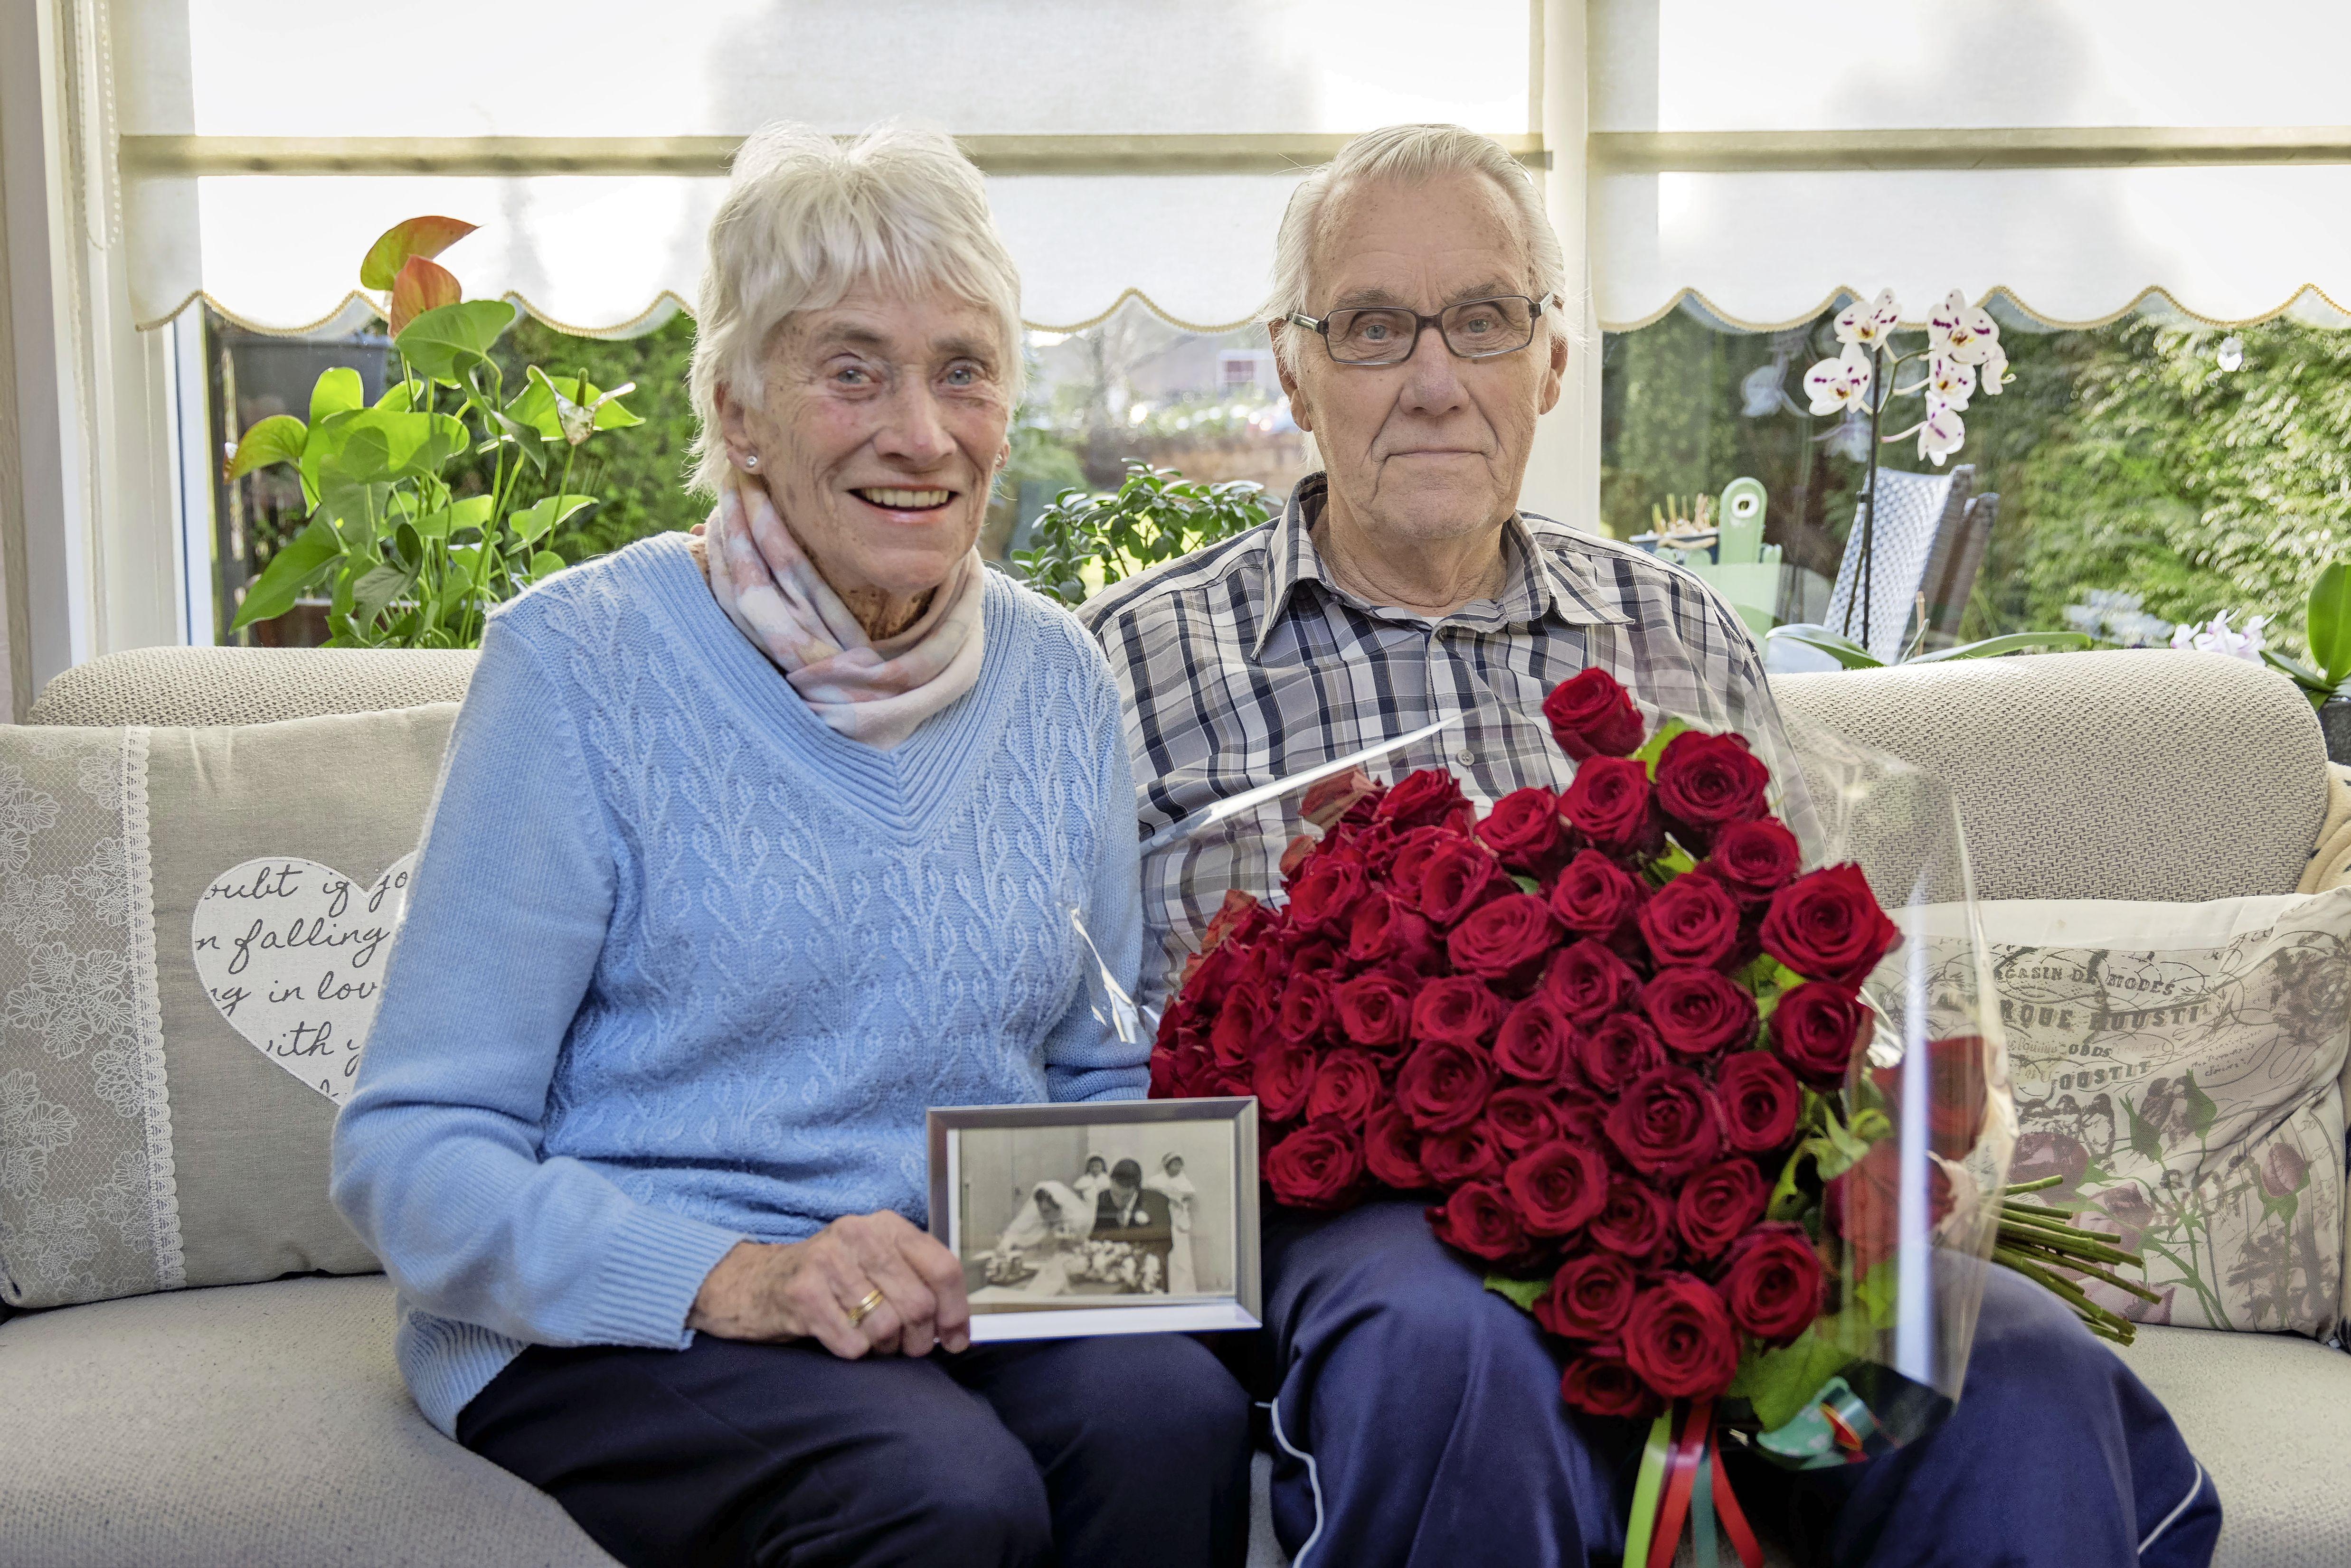 Amsterdamse Hoogkarspelers Jan en Bep delen al 65 jaar lief en leed: 'Nooit spijt gehad van verhuizing naar West-Friesland'